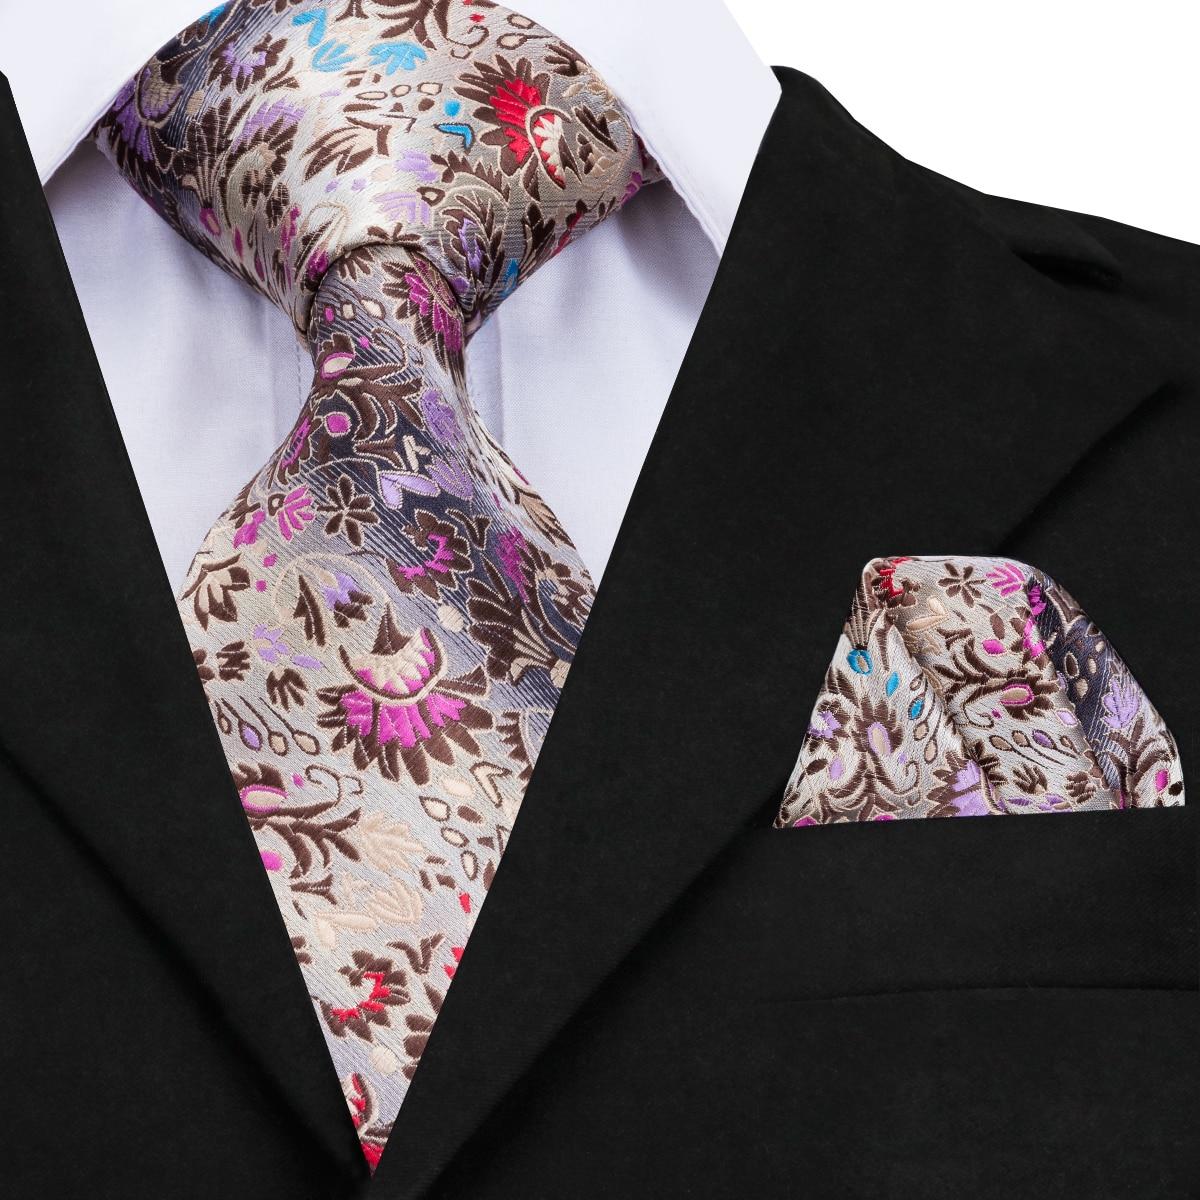 Hola-Corbata nueva moda Floral corbata de lazos de seda para los hombres 160 cm larga alta calidad lazos para hombre Cravatas 8 cm de ancho hombre cuello corbata CZ-006